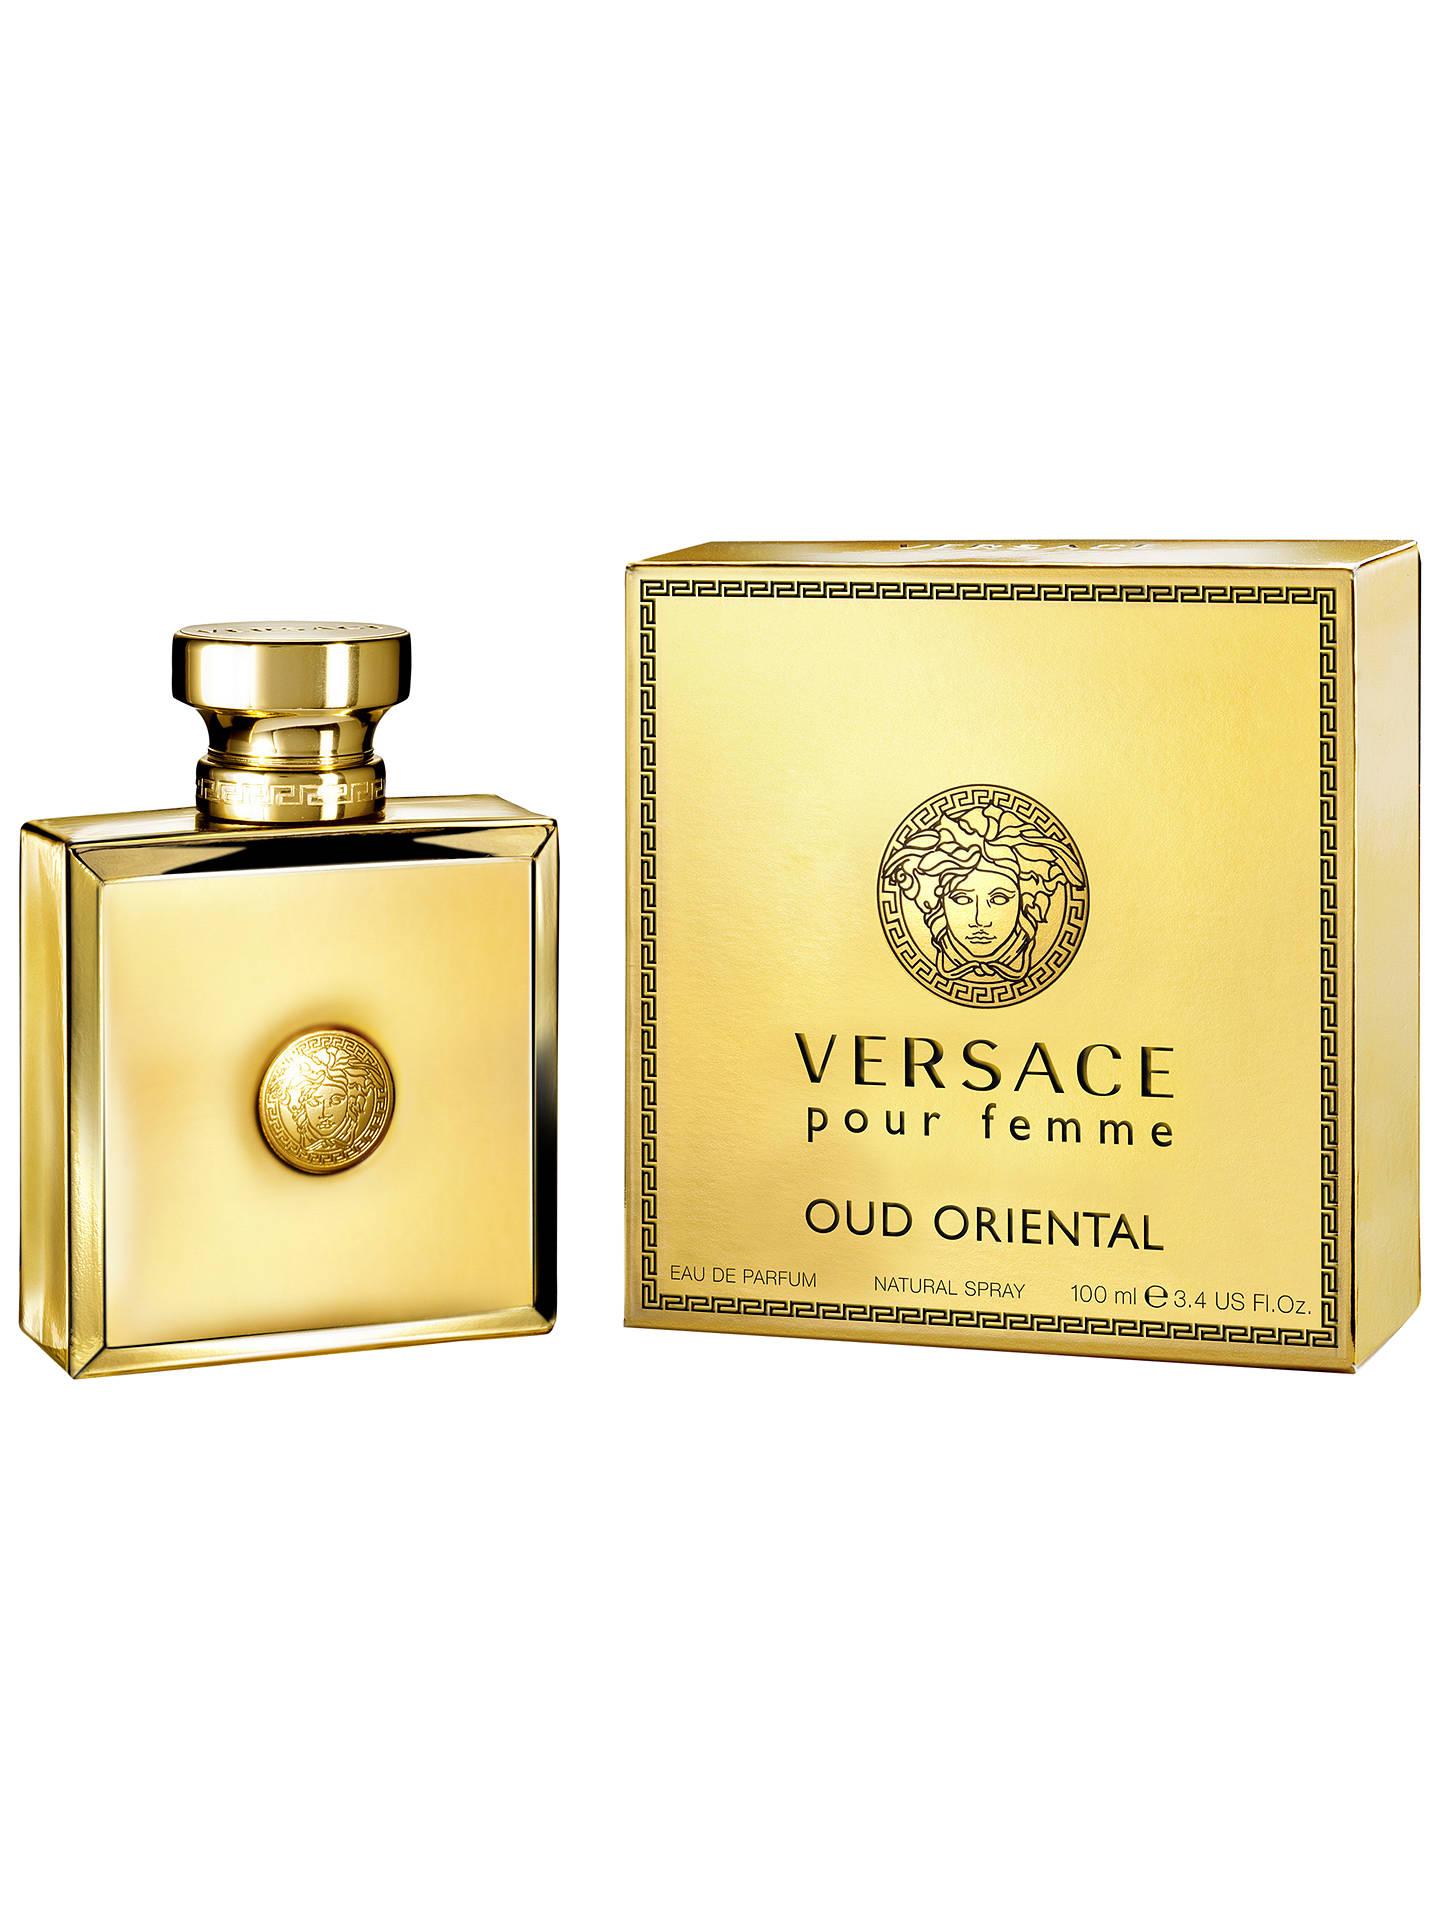 9f5c12a0df Buy Versace Pour Femme Oud Oriental Eau de Parfum, 100ml Online at  johnlewis.com